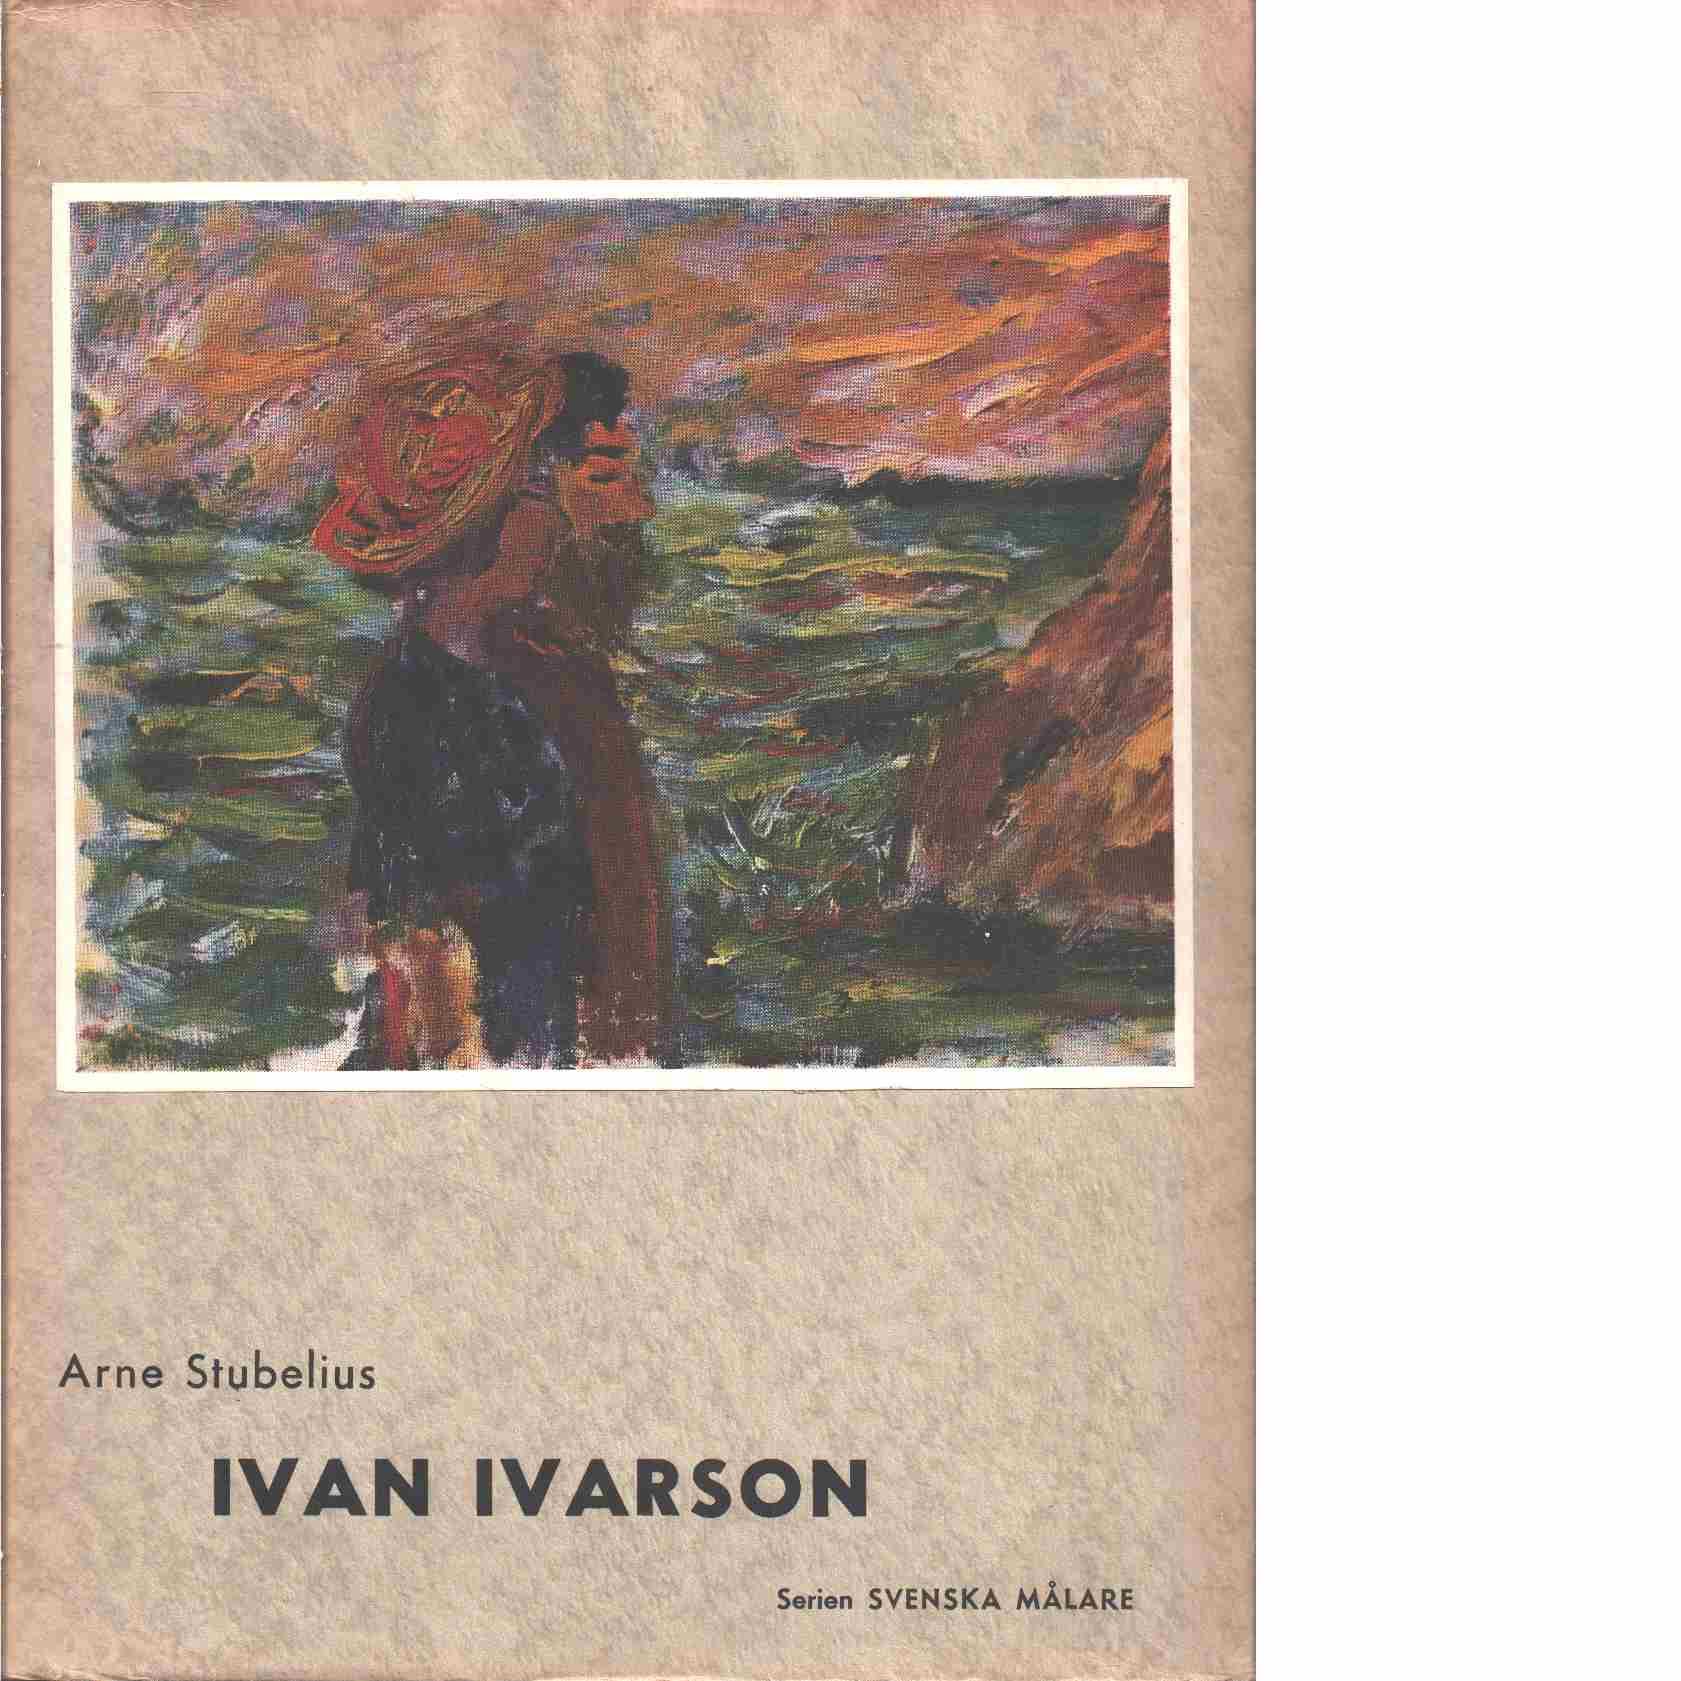 Ivan Ivarson - Stubelius, Arne